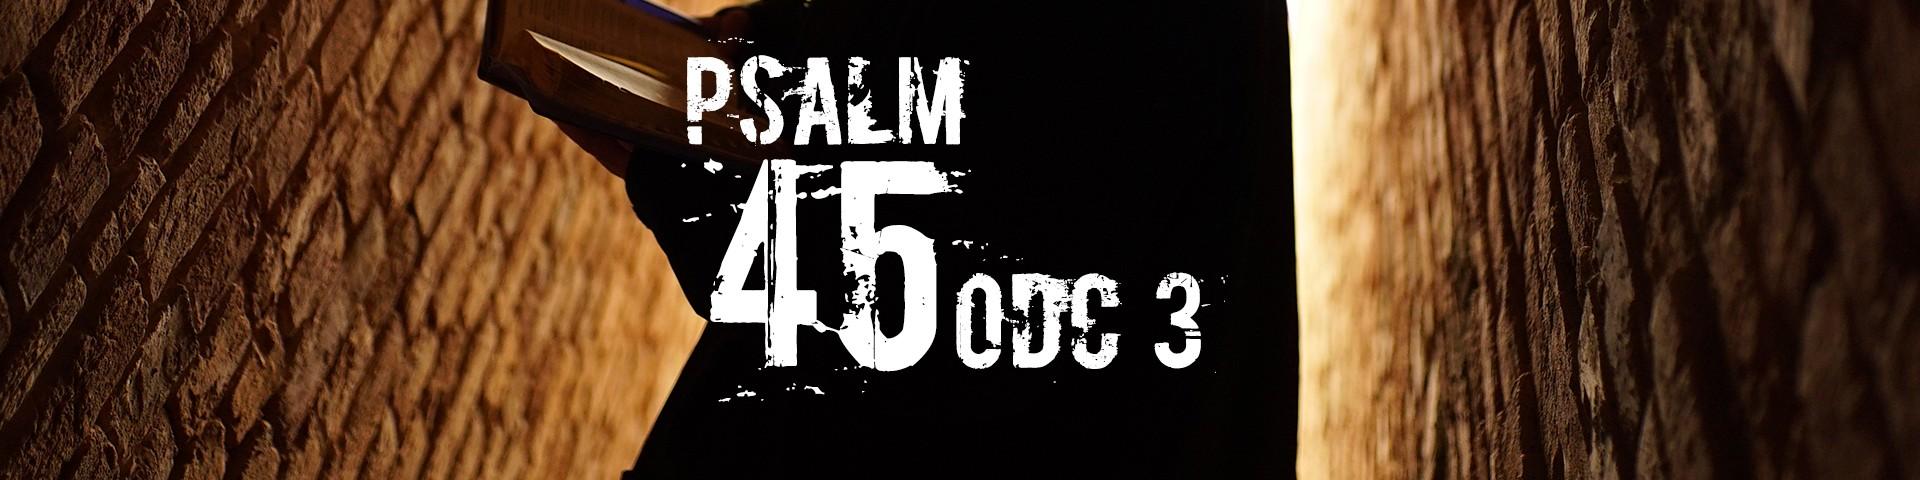 """Rekolekcje Wielkopostne 2018 - """"Psalm 45"""" ks. Artur Ważny - odc. 3"""